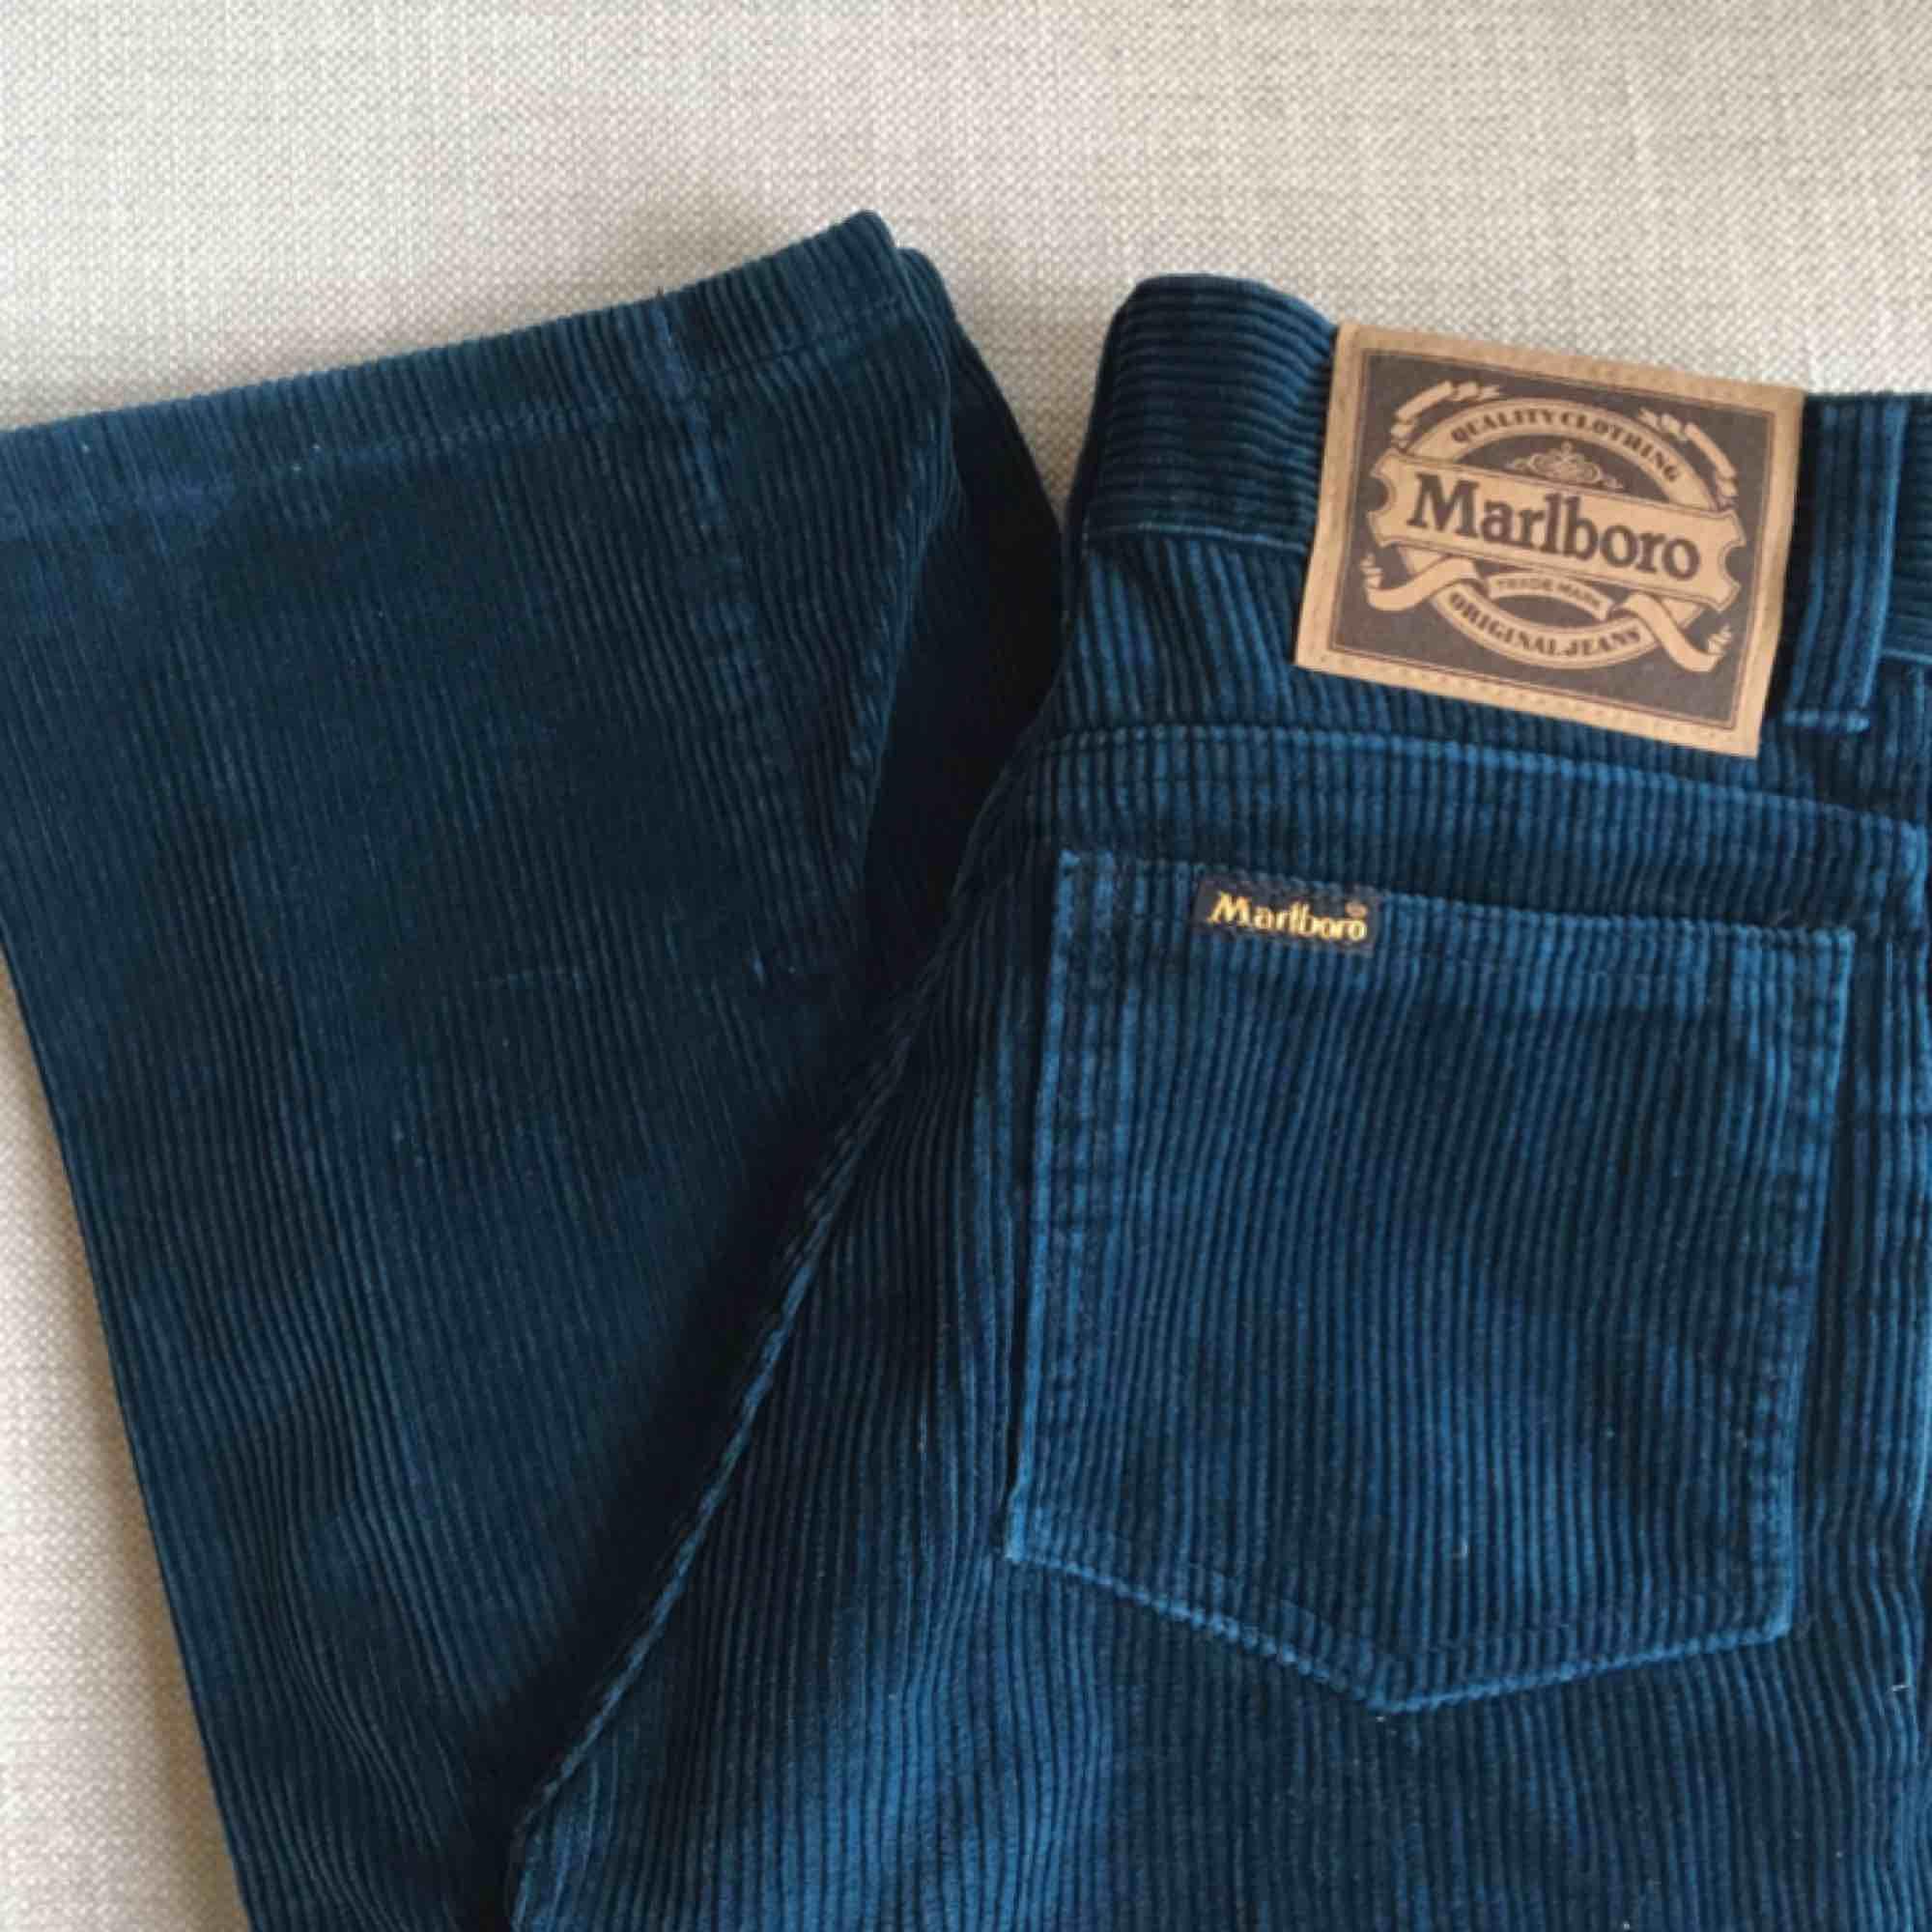 Sällsynta Marlboro jeans i Manchester i färgen mörk blå/grön! Knappt använda! Passar en strl W24 (XXS-XS) . Jeans & Byxor.